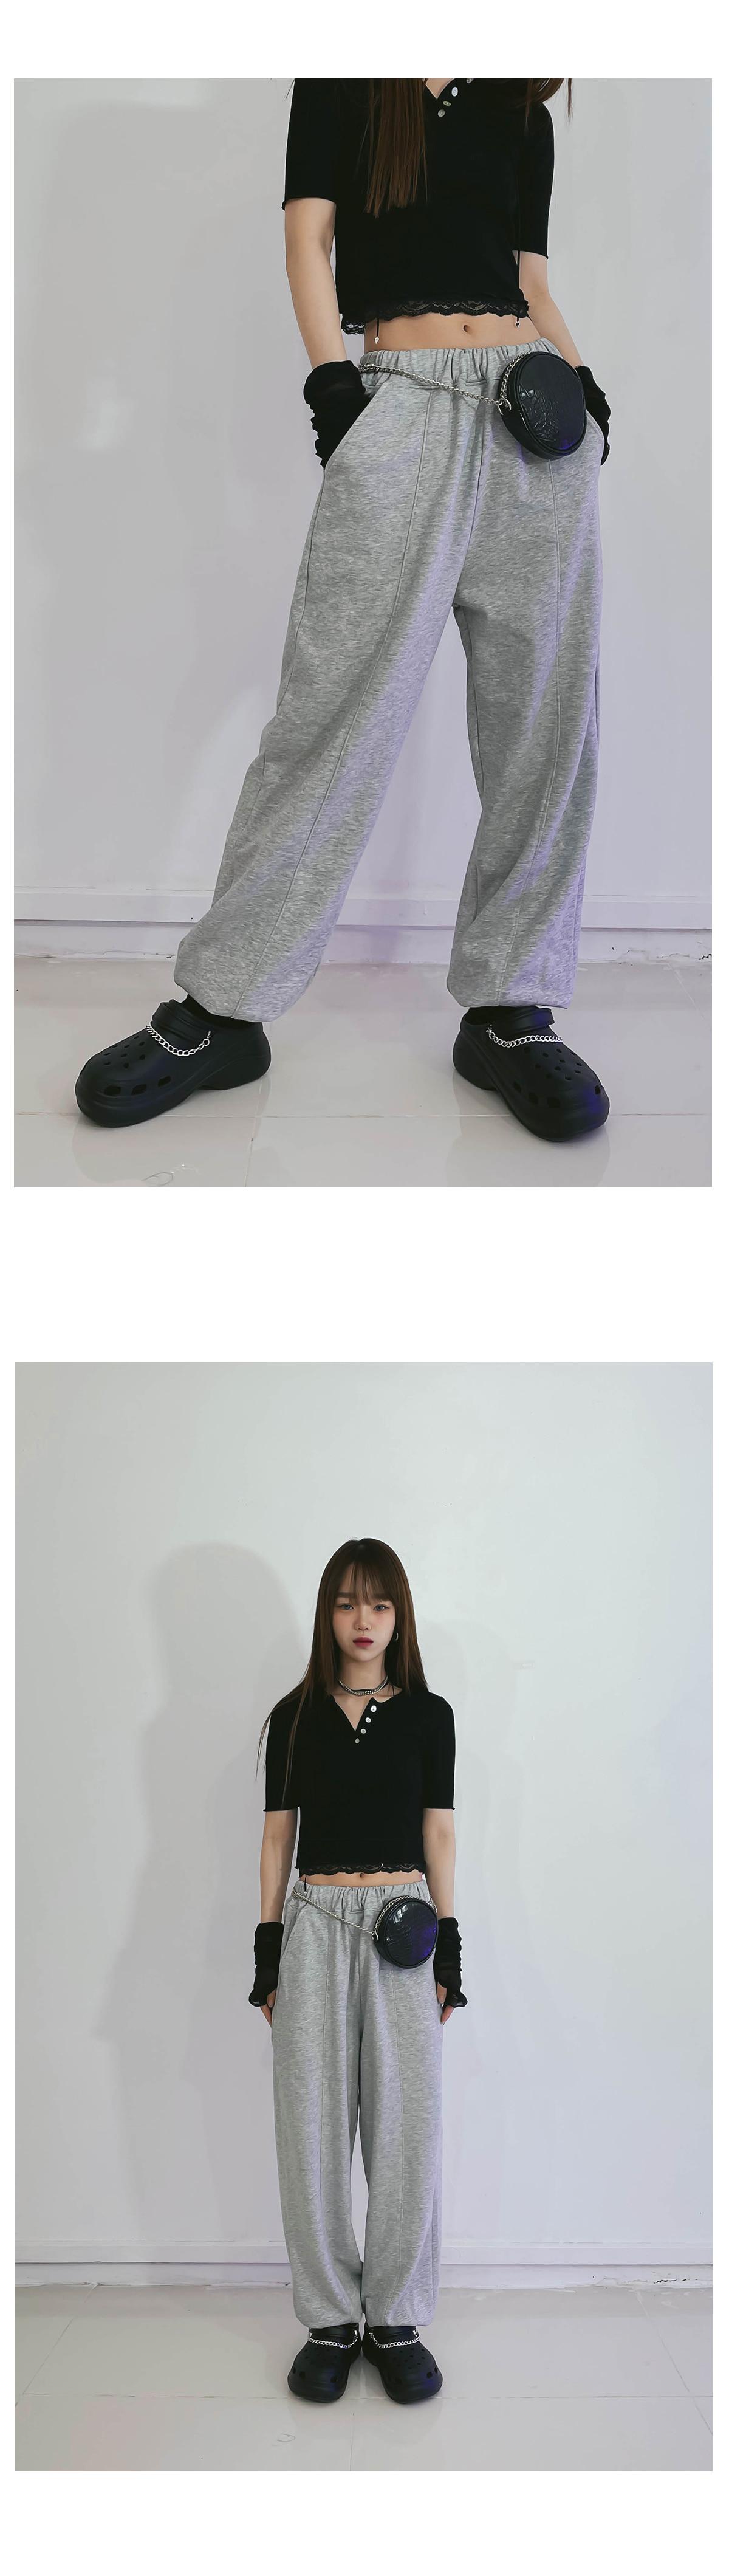 Platform tiara slippers